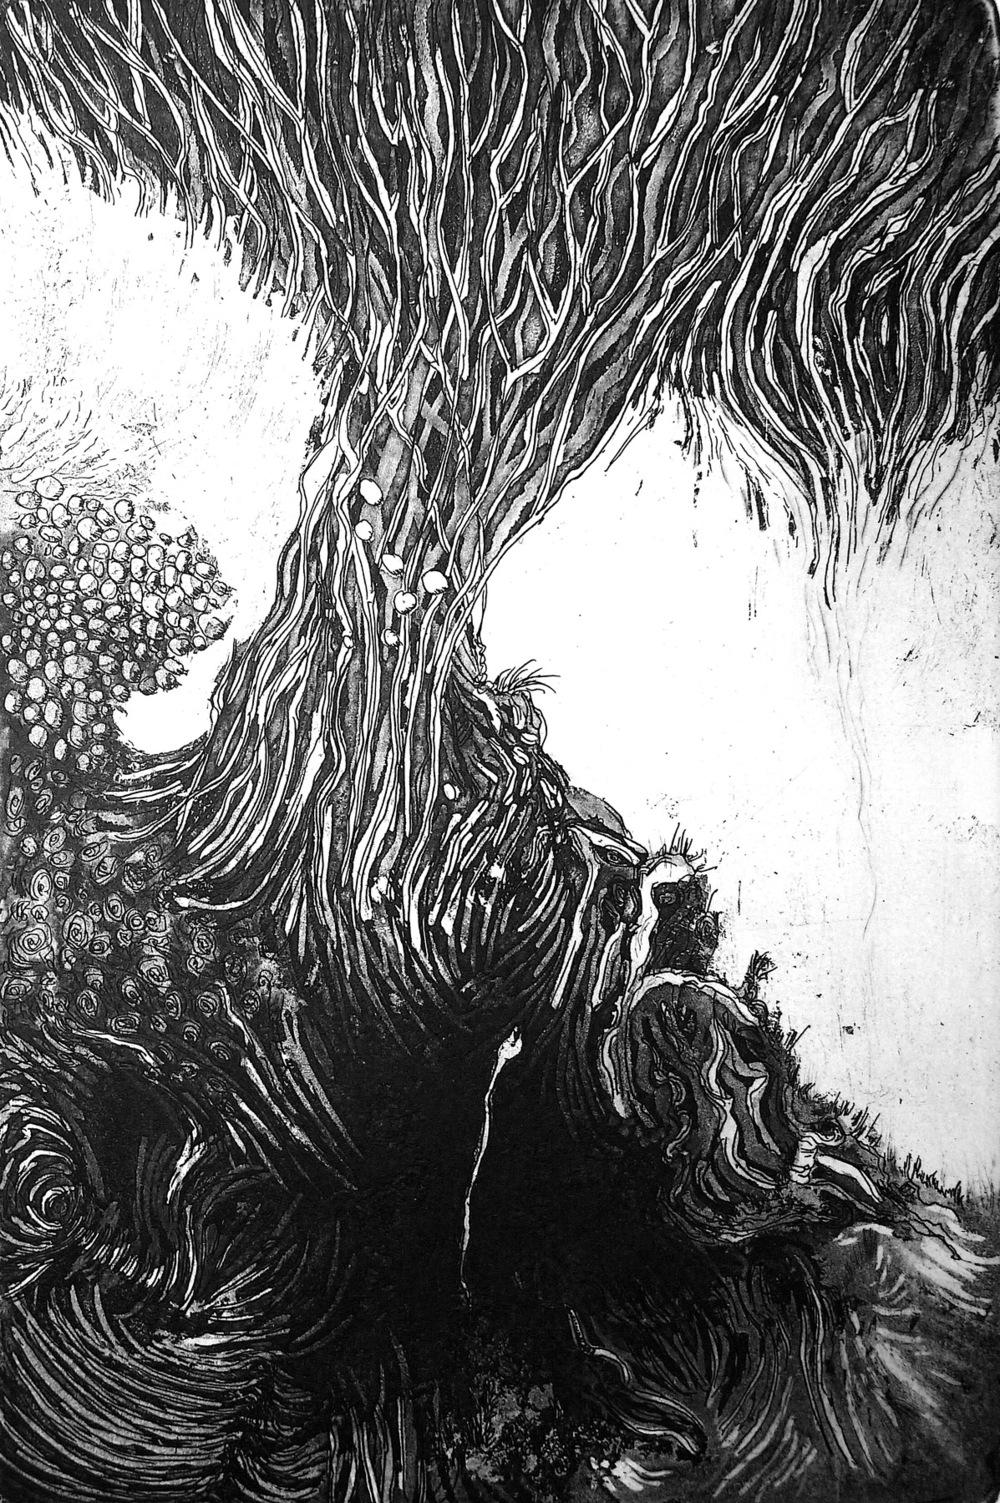 ana neto - Caminho etching, aquatint 15x22,5cm 2010